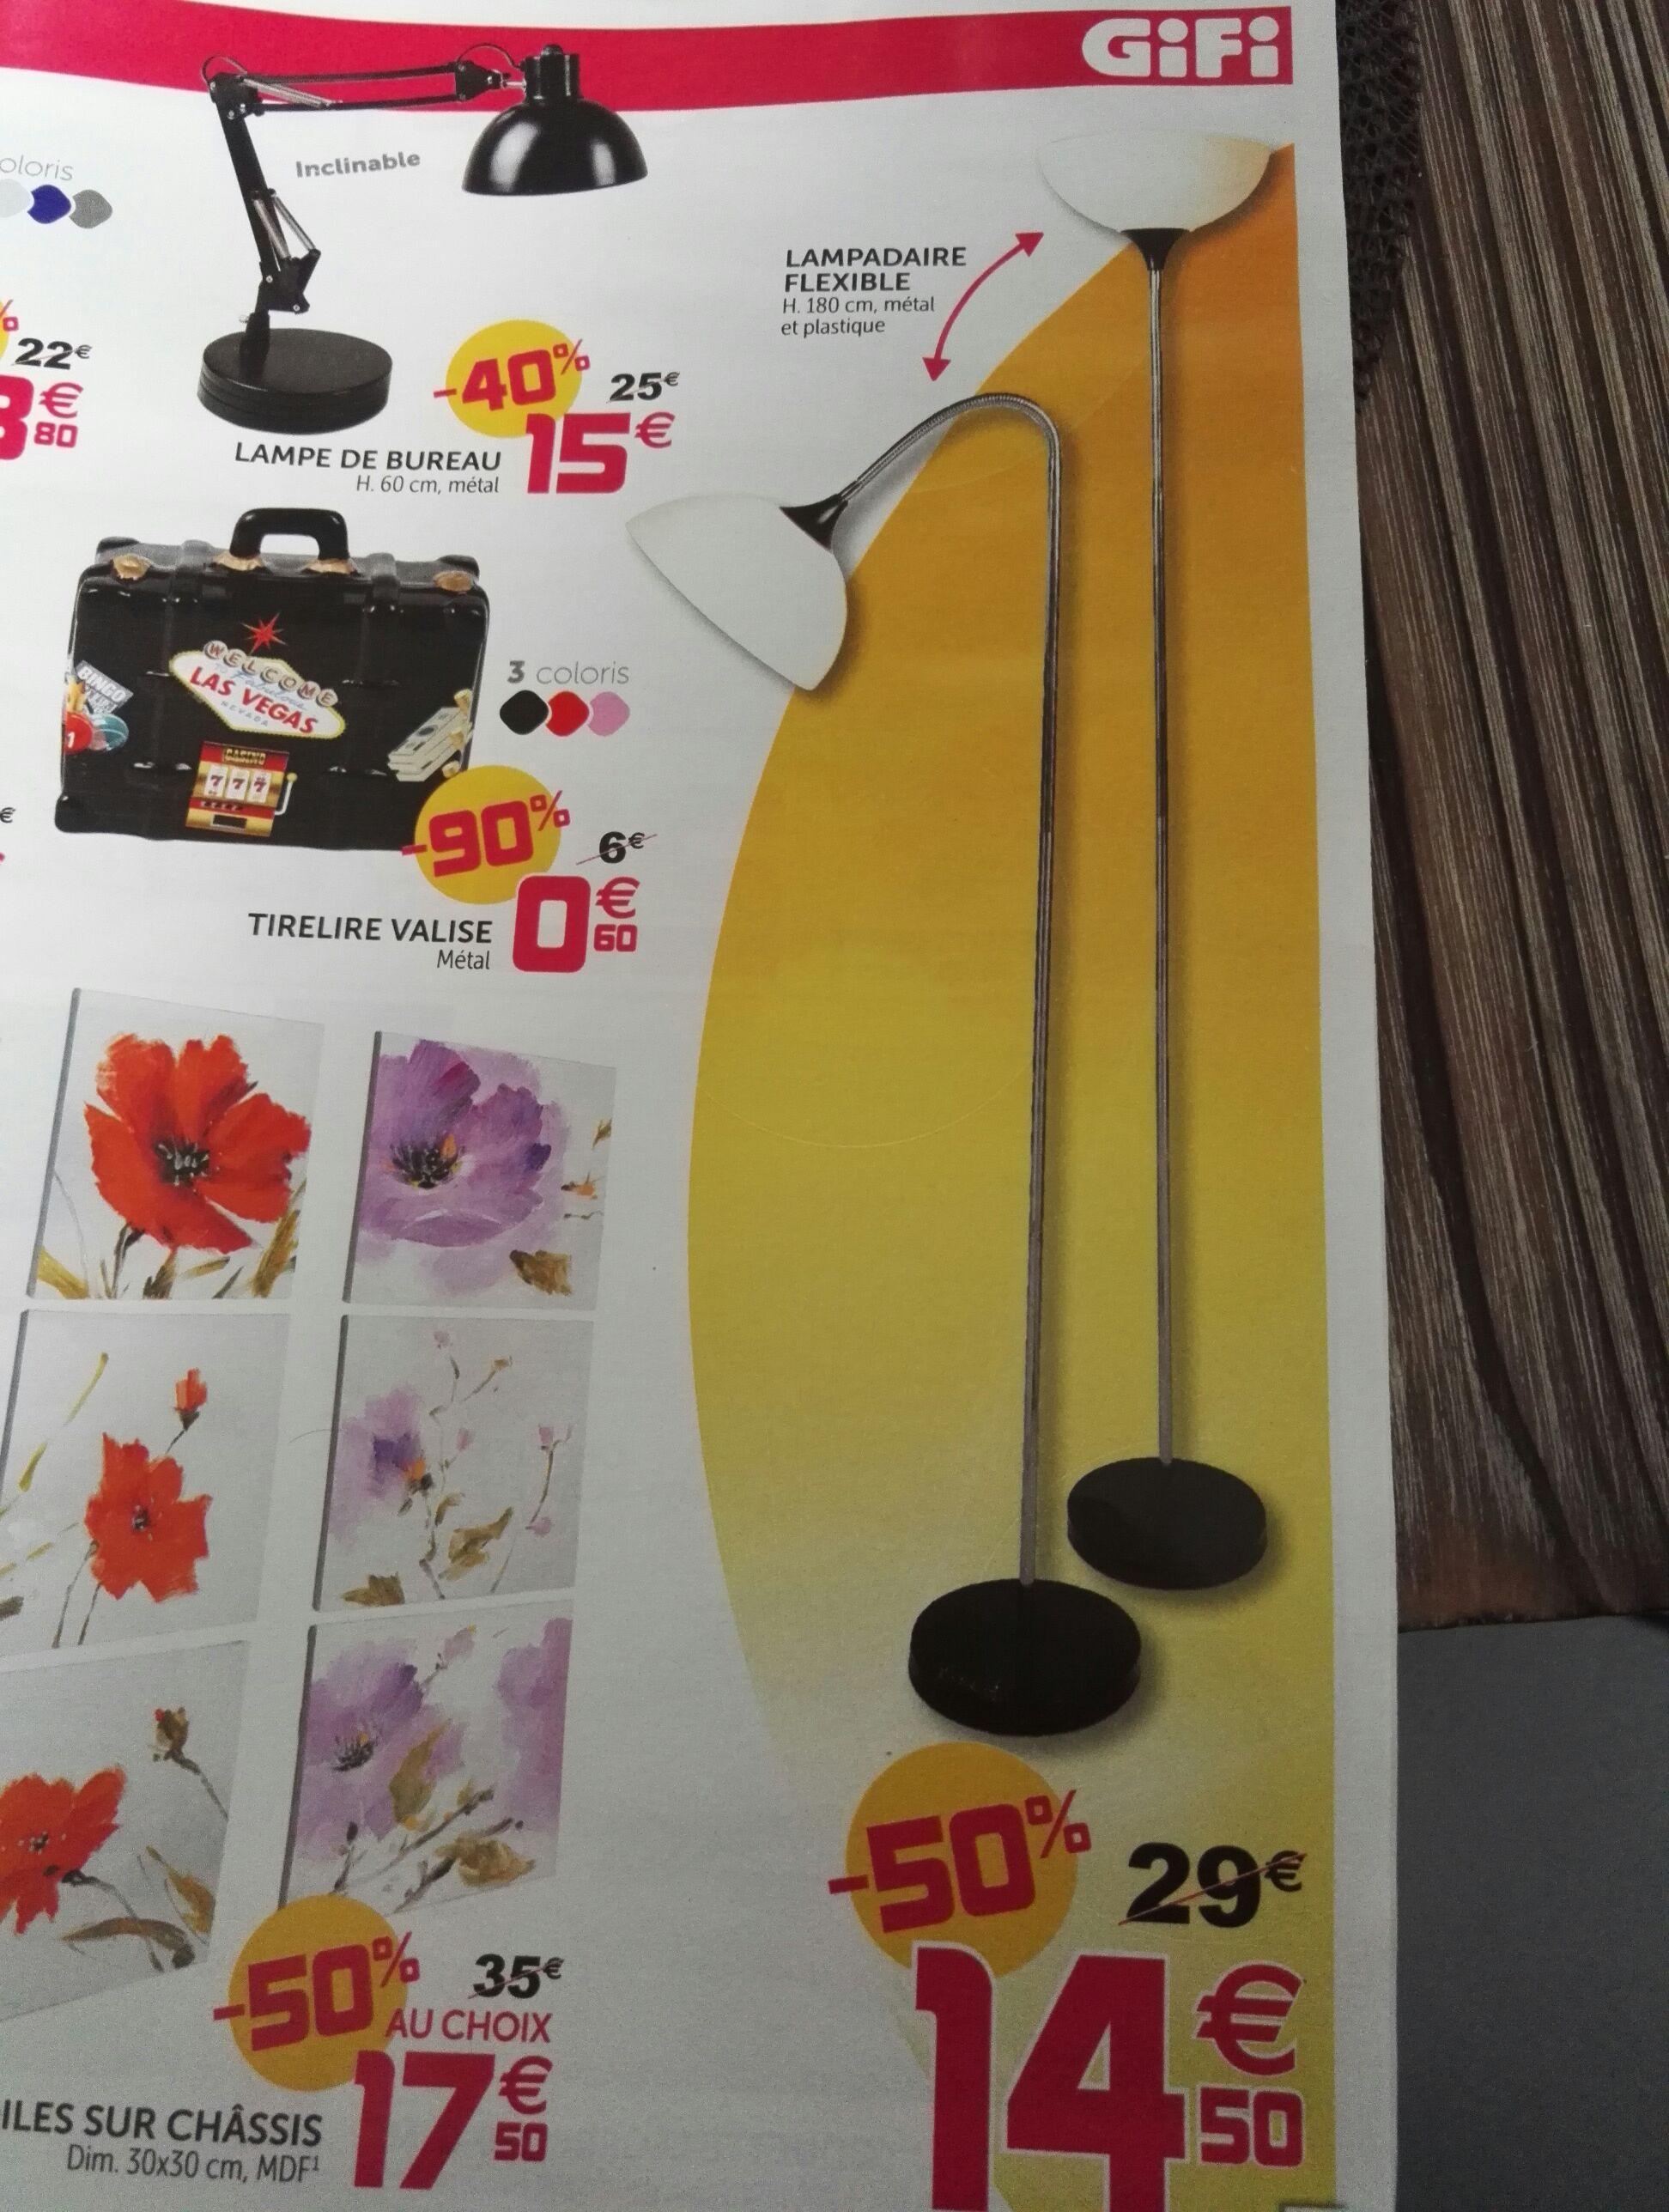 Lampadaire flexible (Hauteur 180cm)